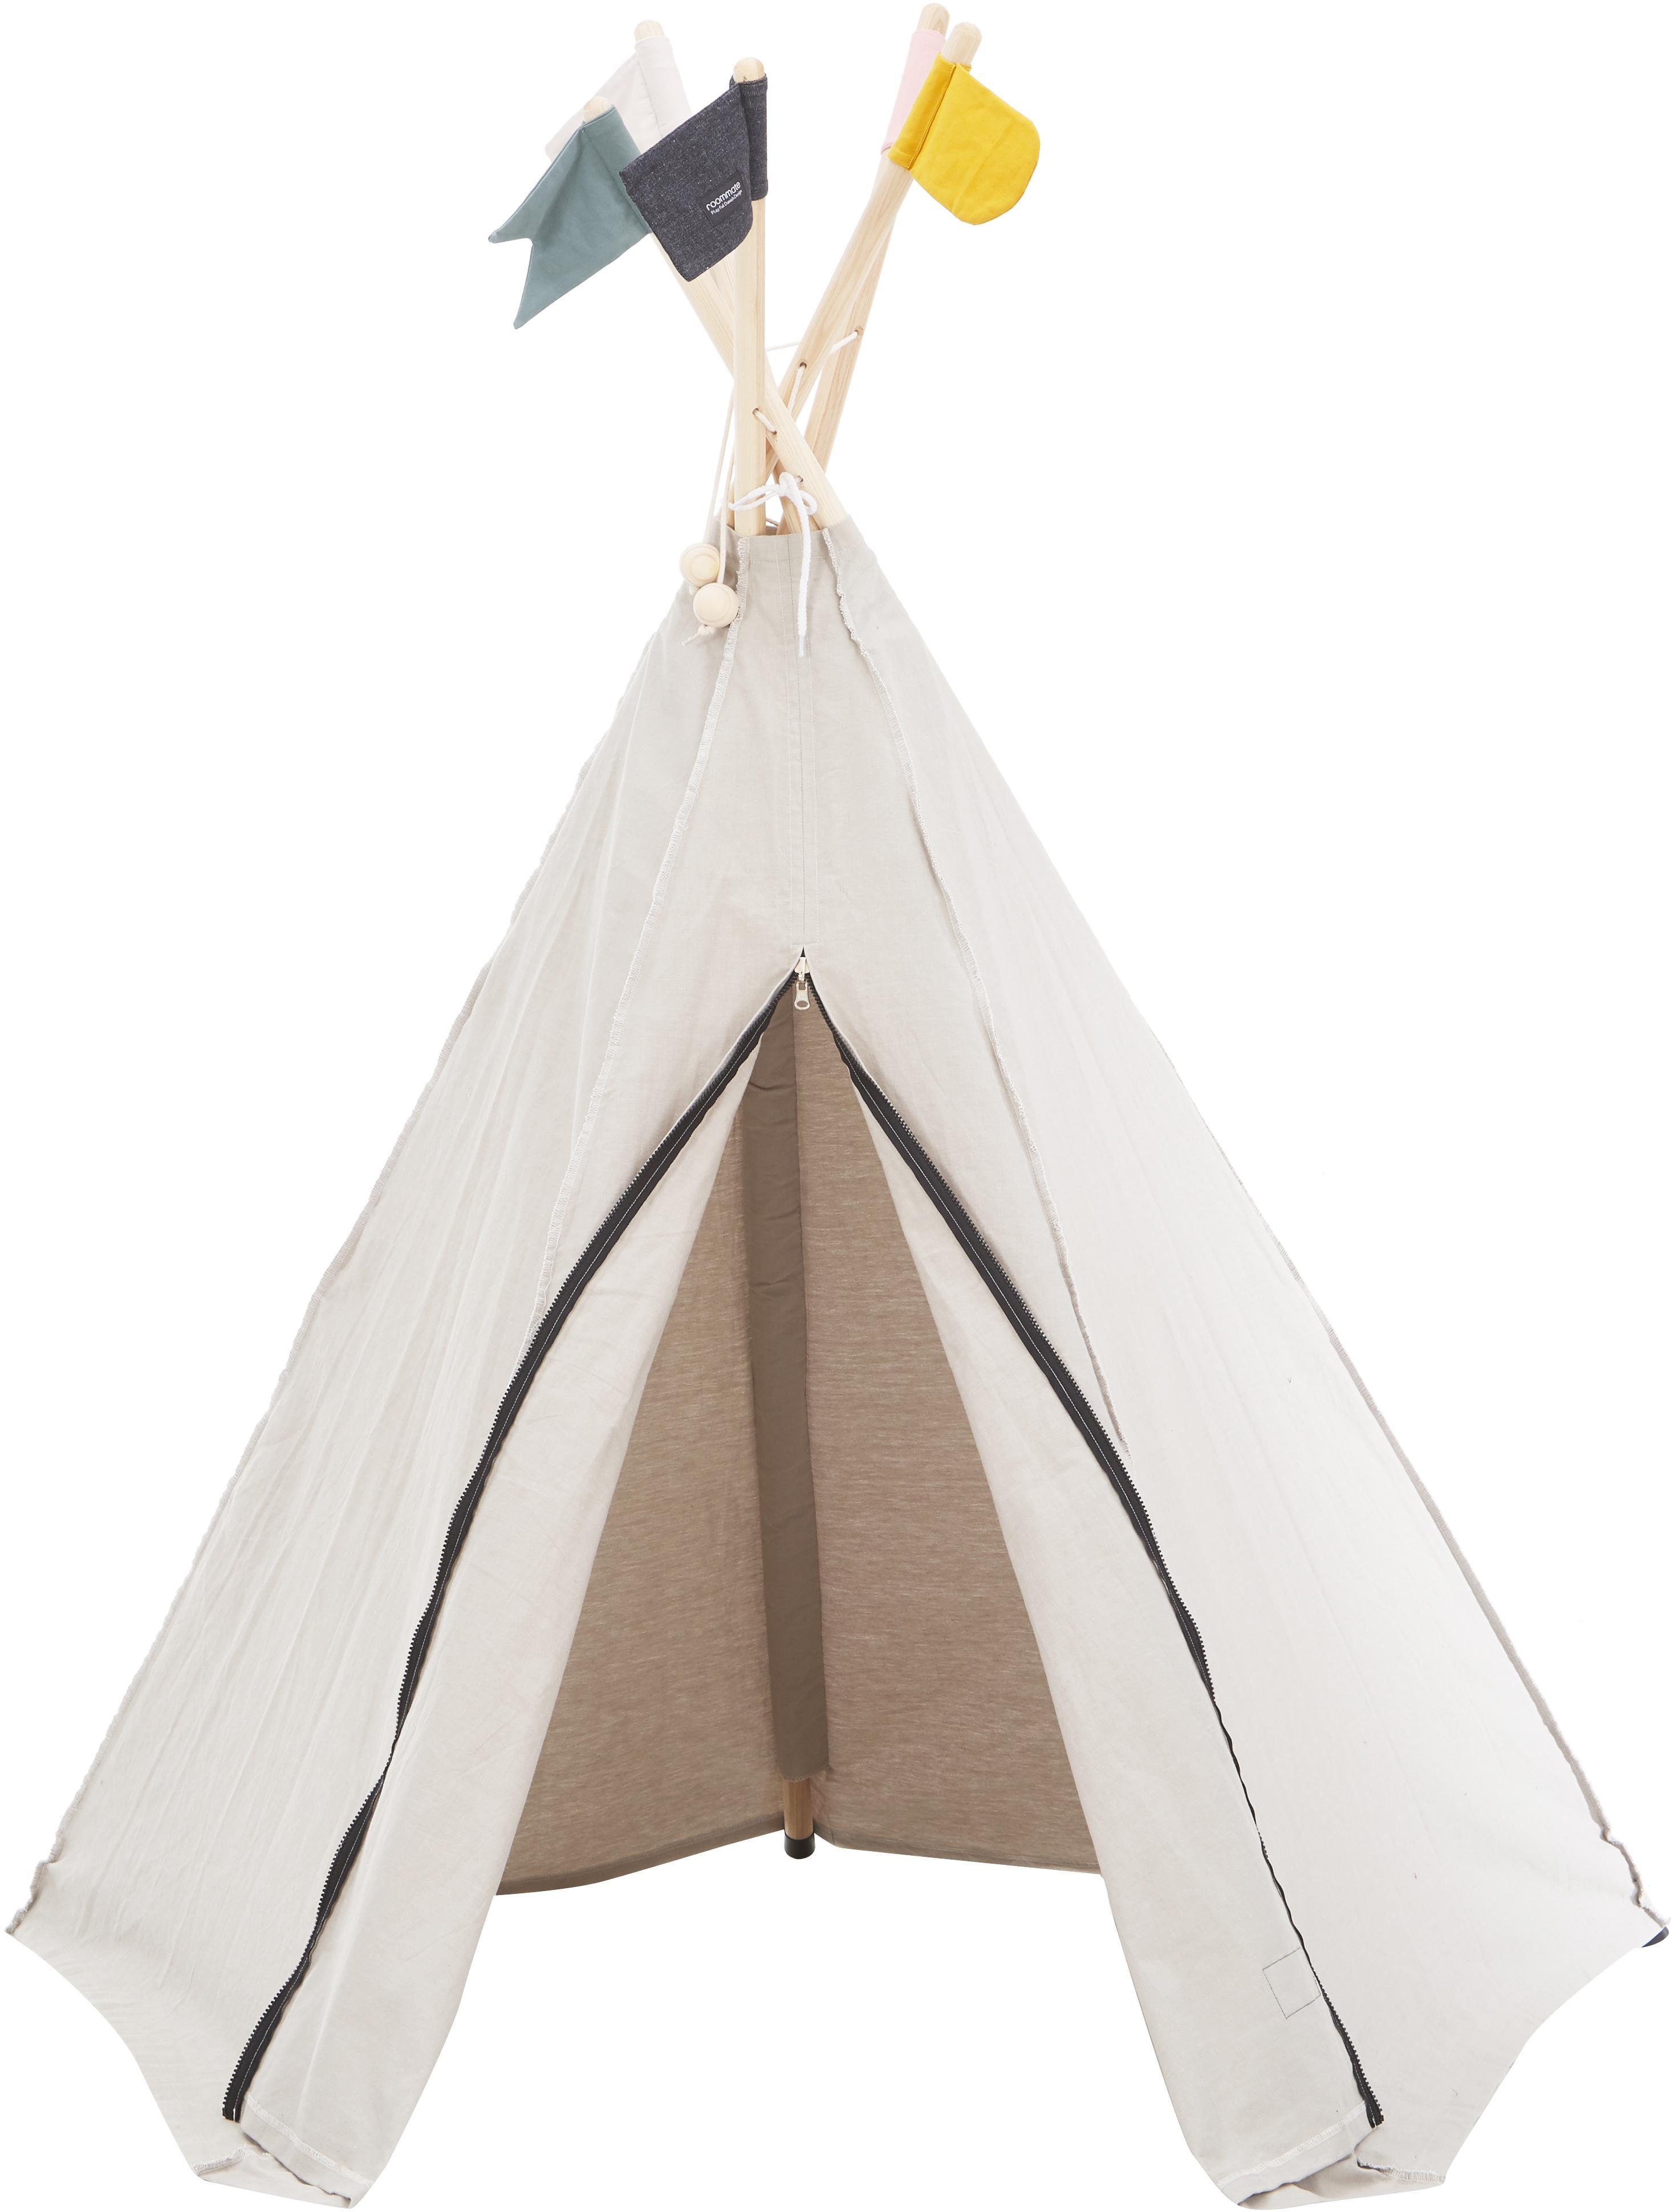 Tipi dla dzieci z bawełny organicznej Hippie, Bawełna organiczna, Szary, matowy, S 135 x W 135 cm